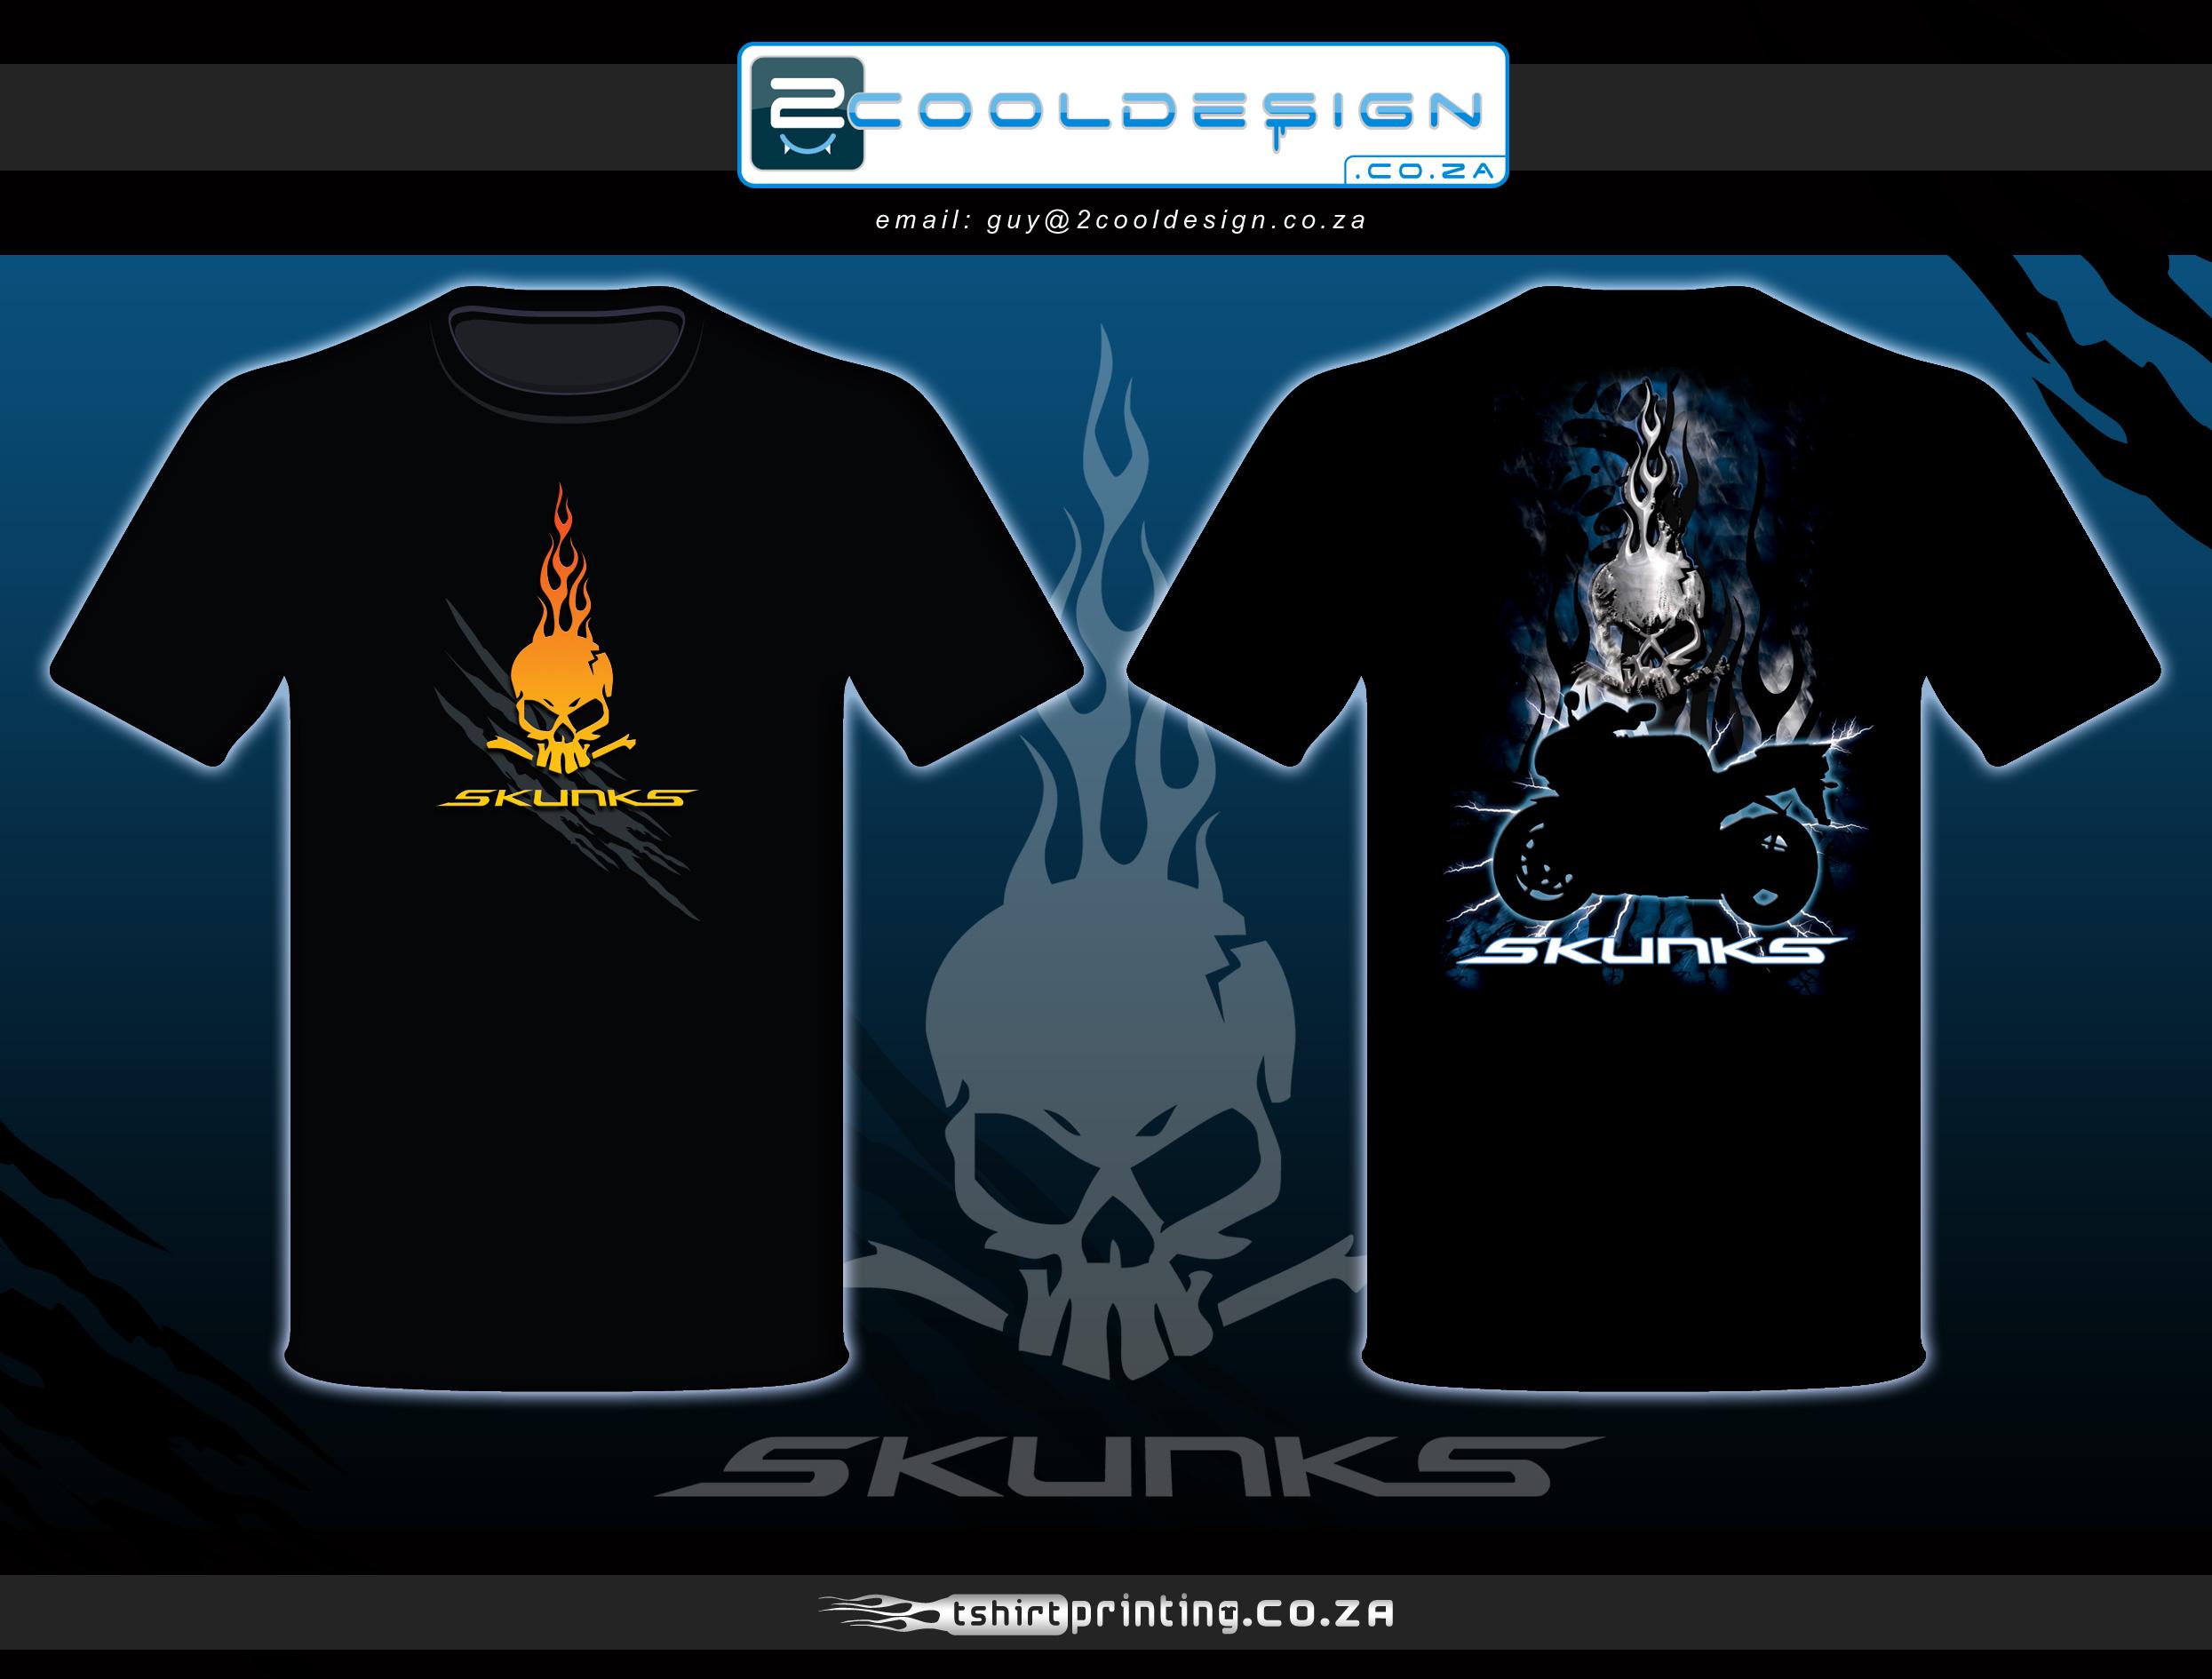 Skunks biker tshirt design by guy tasker 2cooldesign for Logos for t shirts printing